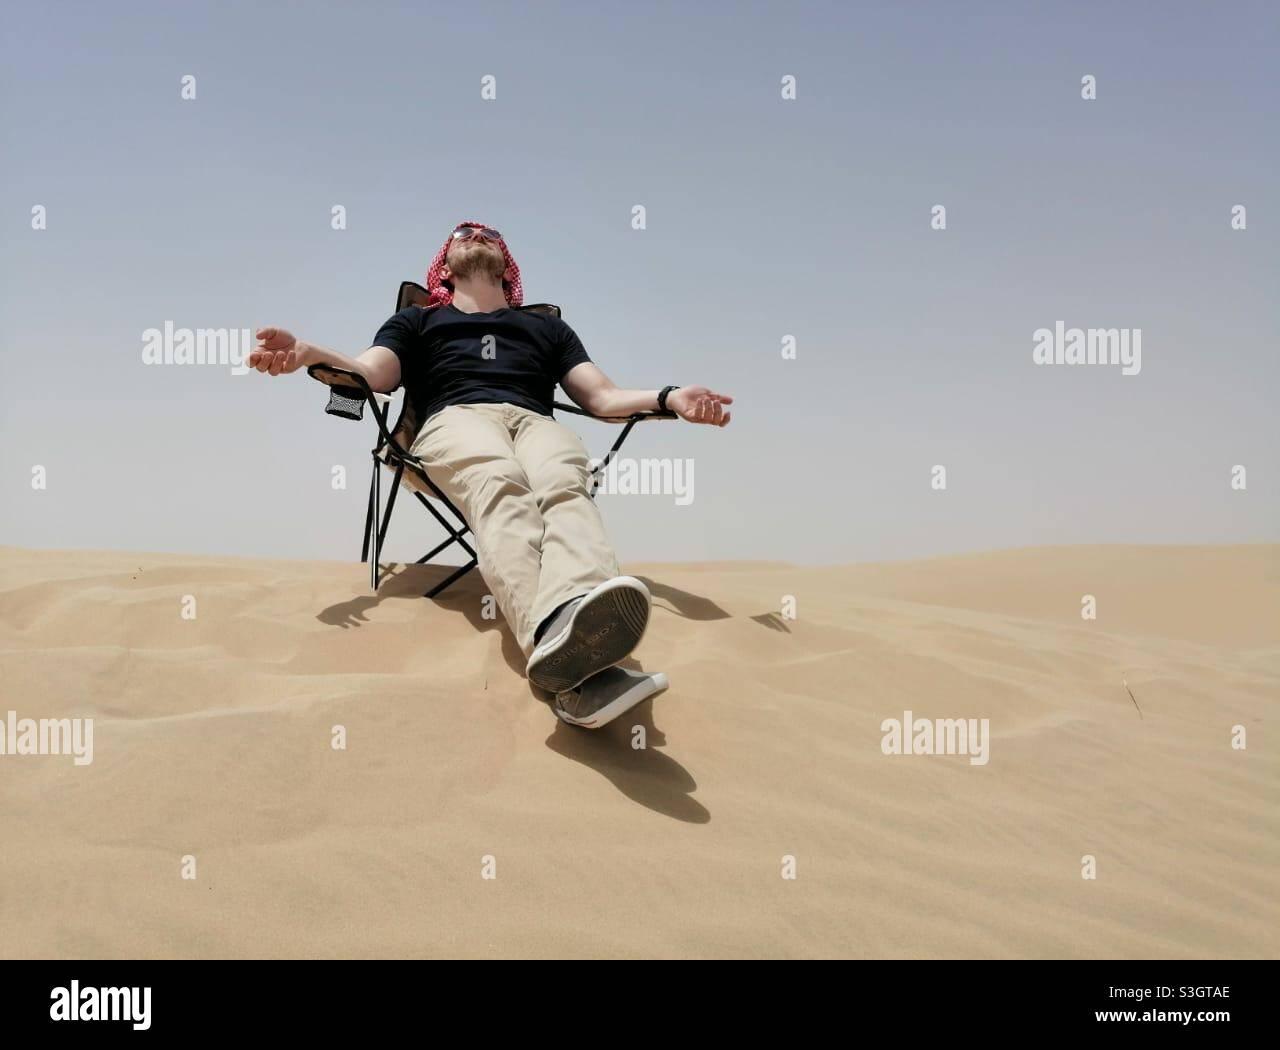 Der Tourist genießt die Sonne, während er auf einem Stuhl in Wüstensanddünen in Dubai, Vereinigte Arabische Emirate, sitzt. Stockfoto